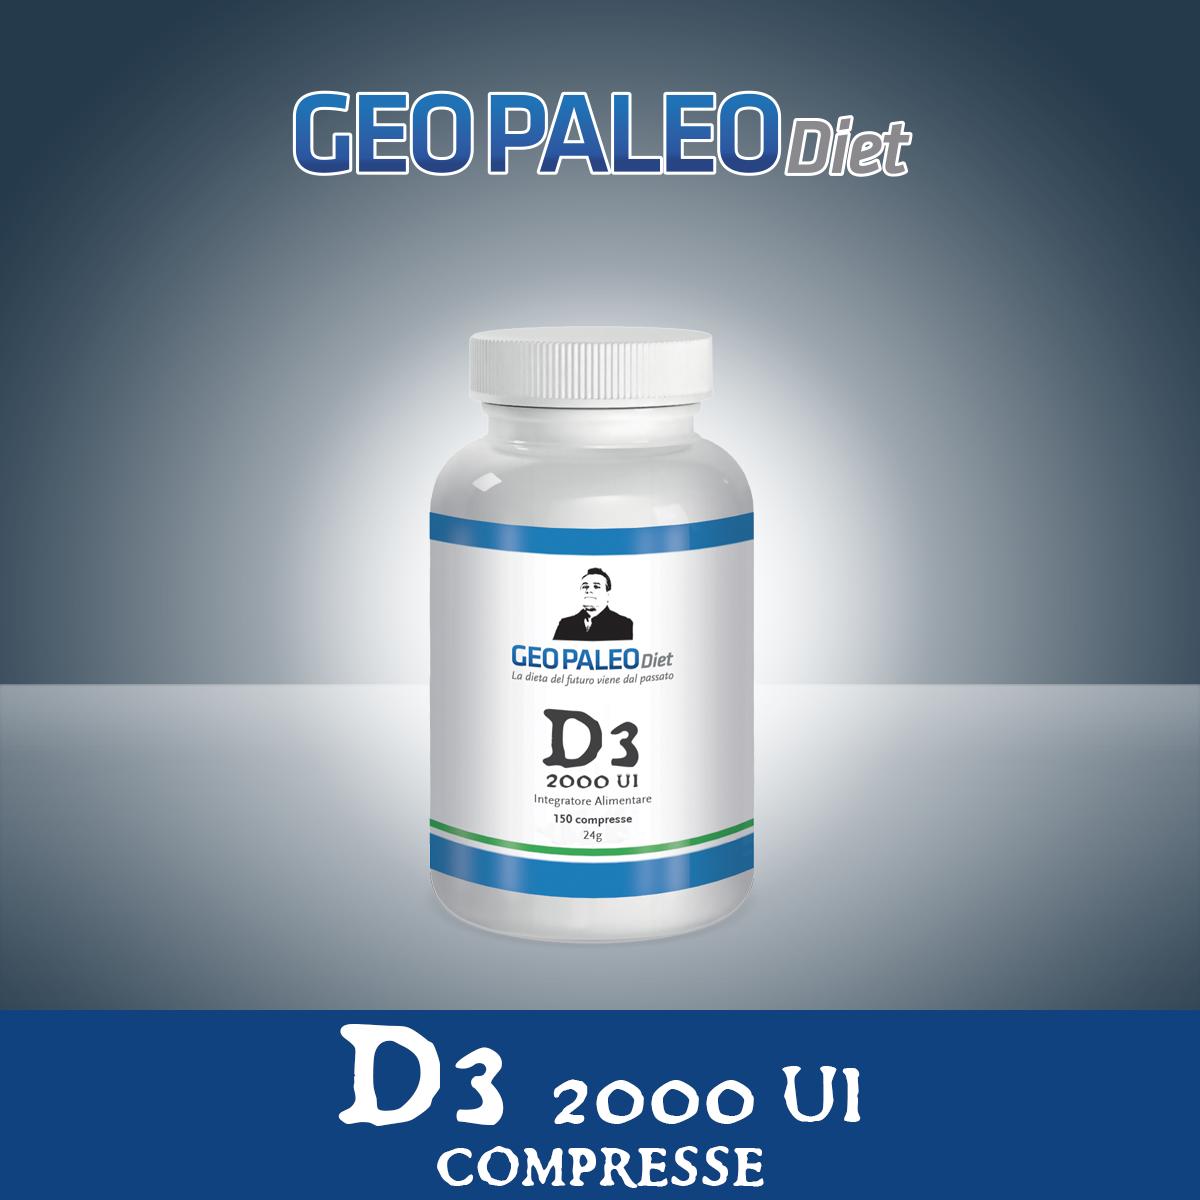 Vitamina D3 Alto Dosaggio 2000 UI in mini-compresse - Senza Biossido di Titanio/Silicio